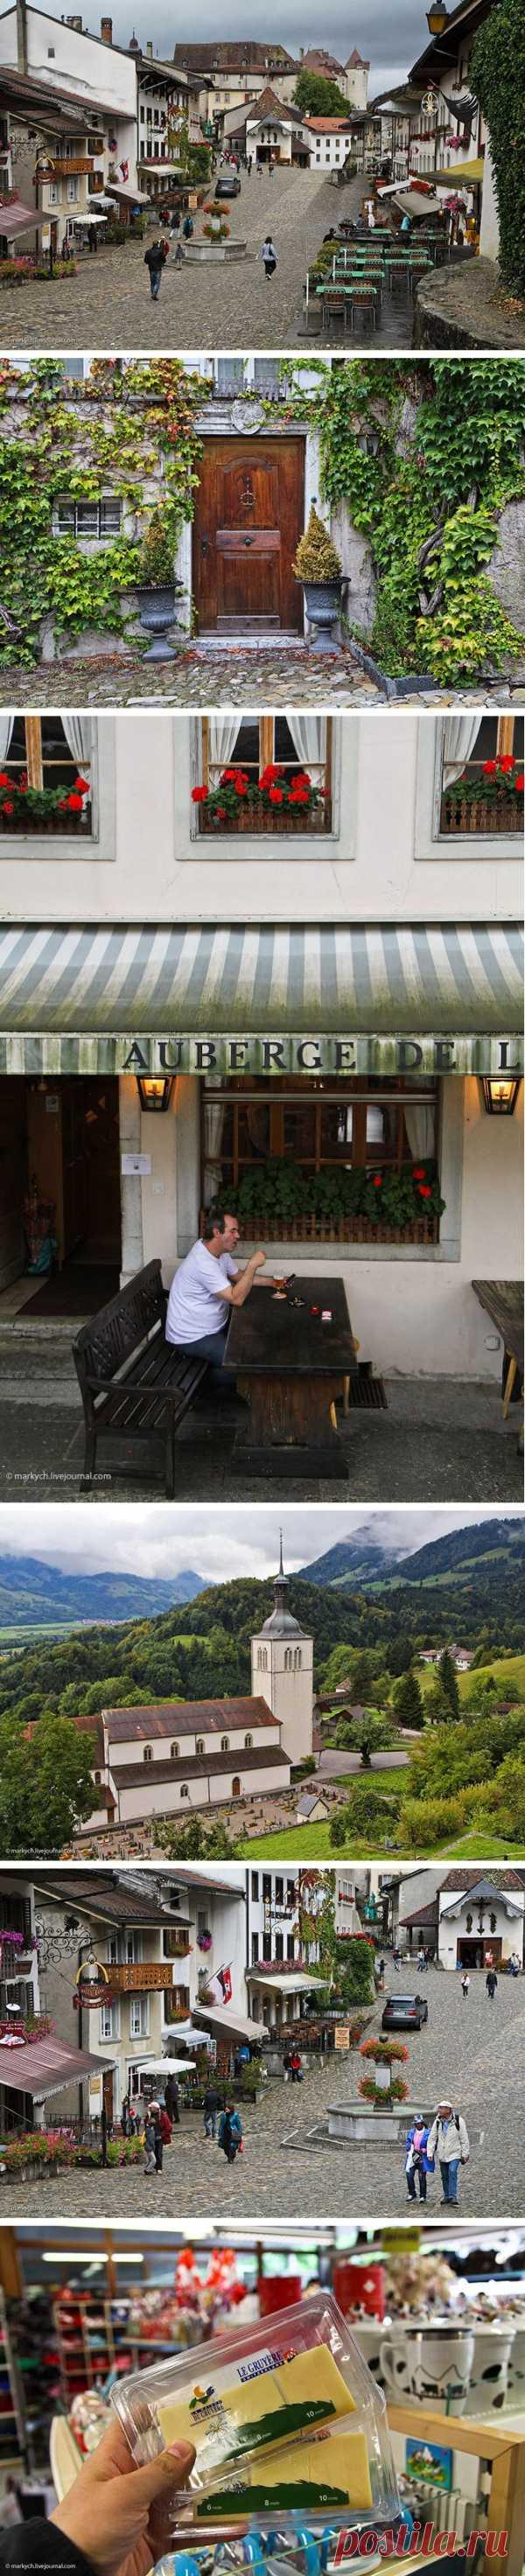 Сырная столица Швейцарии - Грюйер